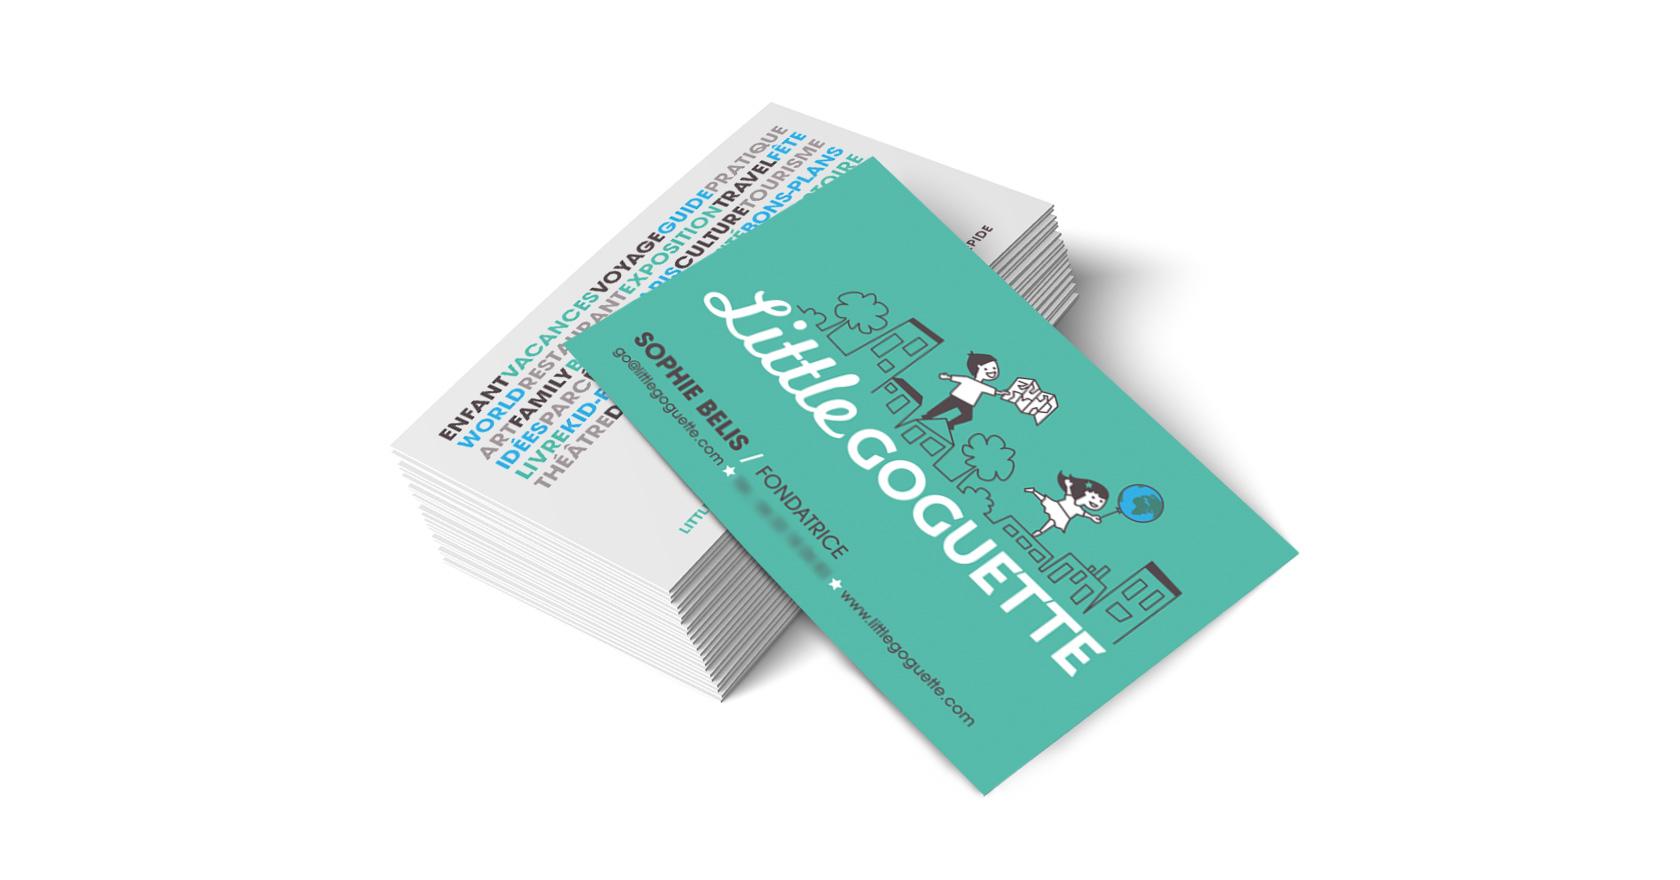 carte de visite Little Goguette : illustration, logo, identité, site web - Wala Studio Graphique